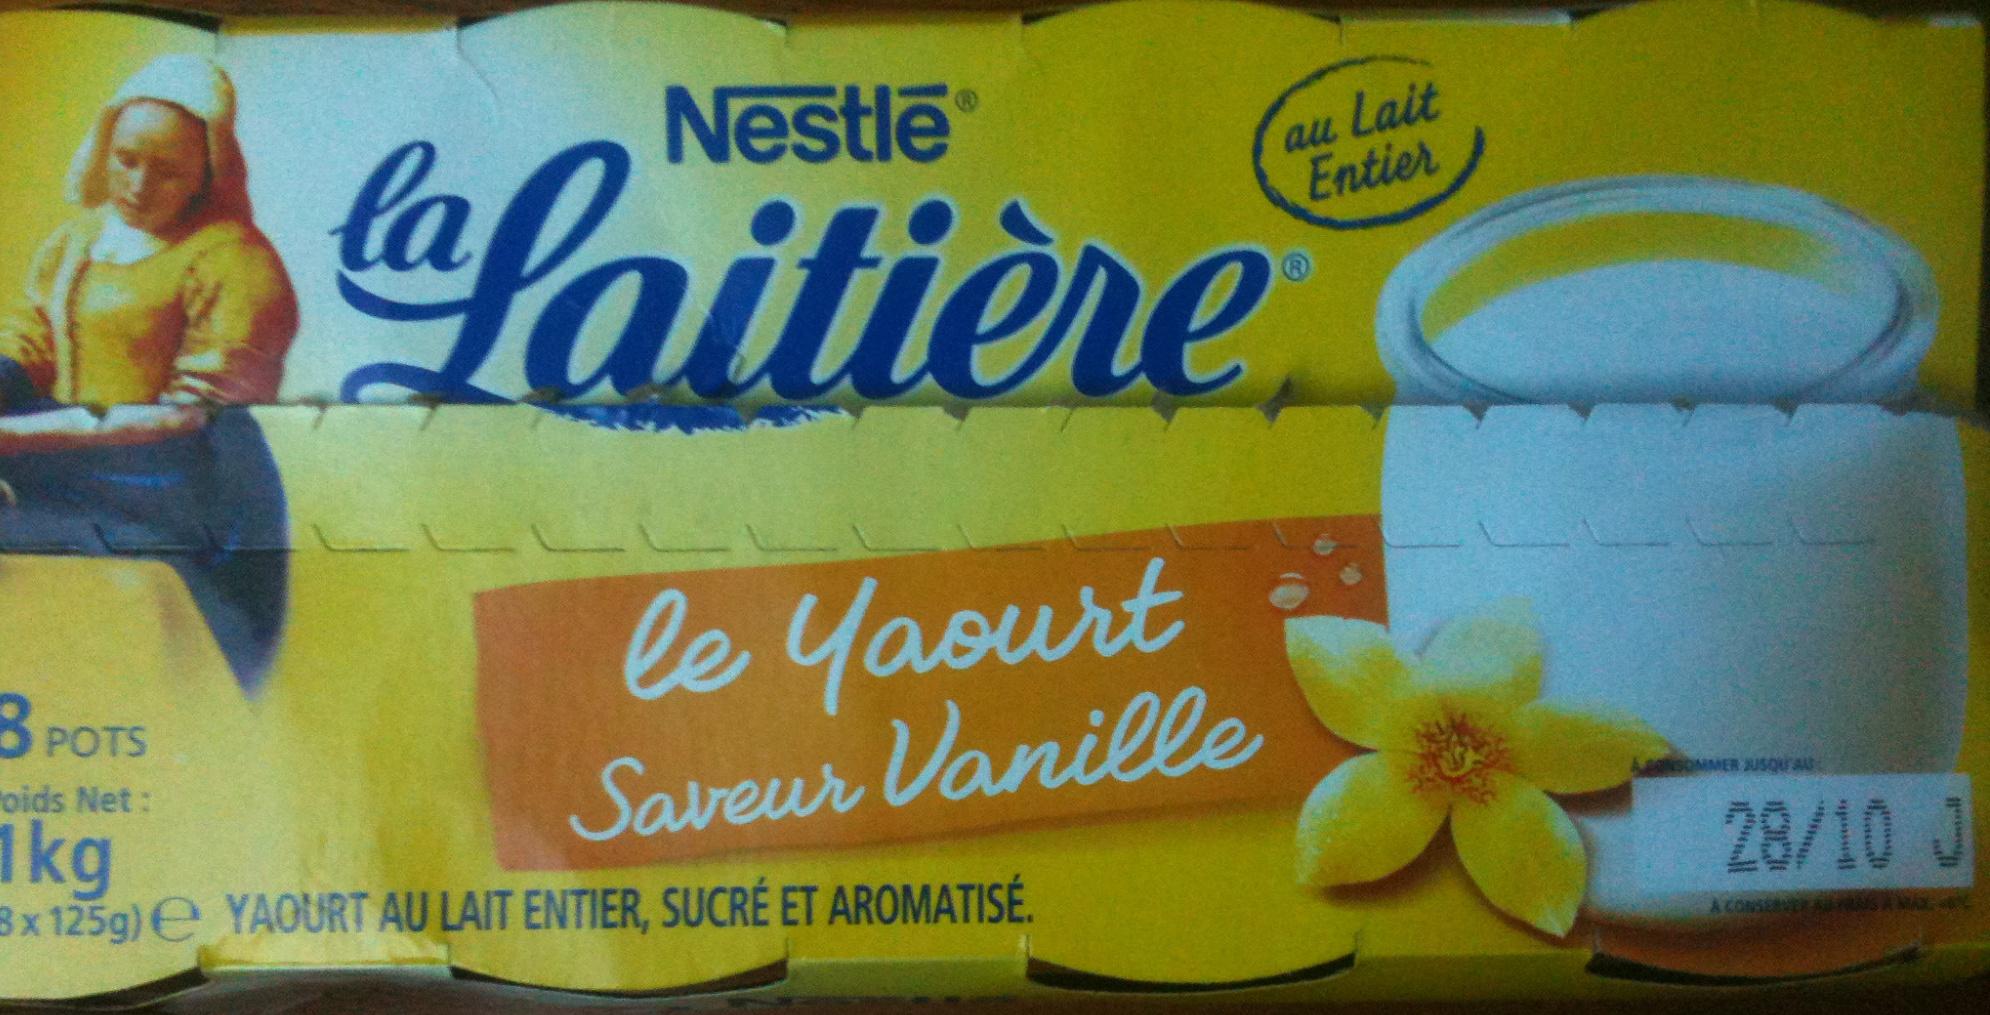 Le Yaourt, Saveur Vanille (8 Pots) - Produit